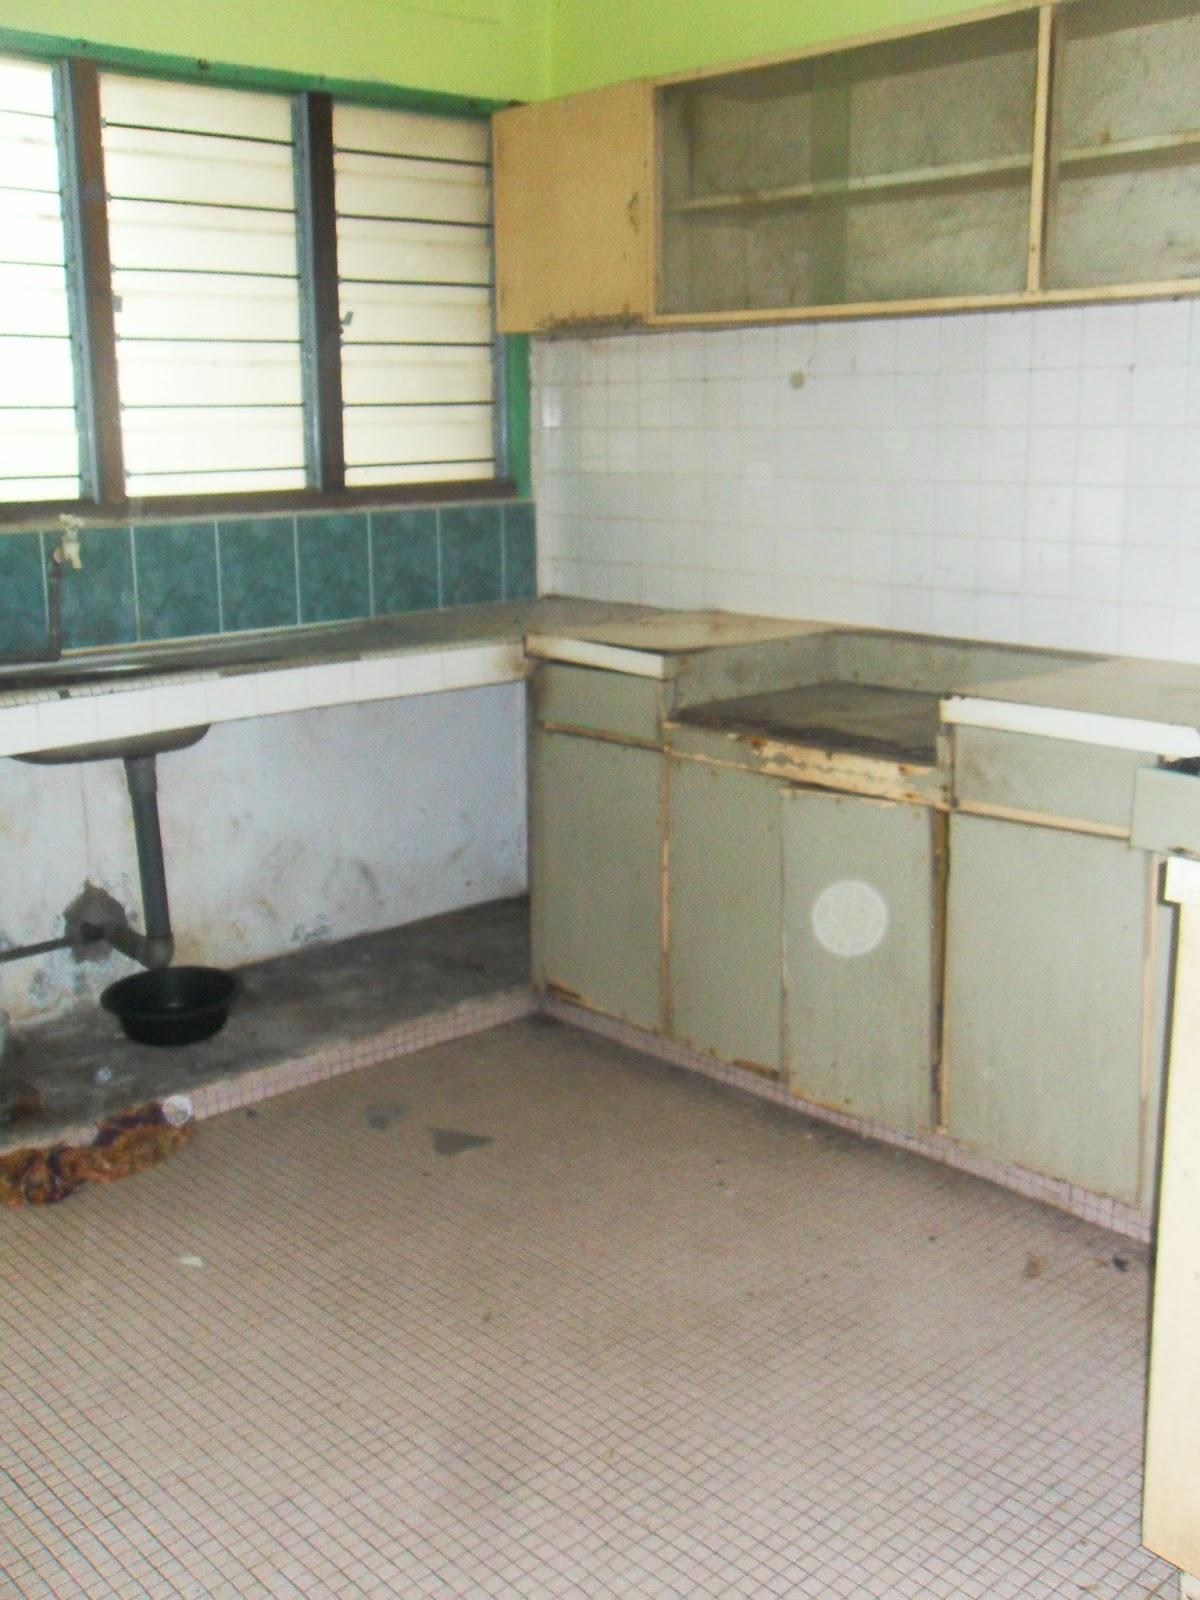 Kena Repair Kerana Keadaan Seluruh Rumah Ni Sudah Sangat Uzur Rosak Ada Anai Bung Bocor Toilet Kabinet Reput Dinding Retak